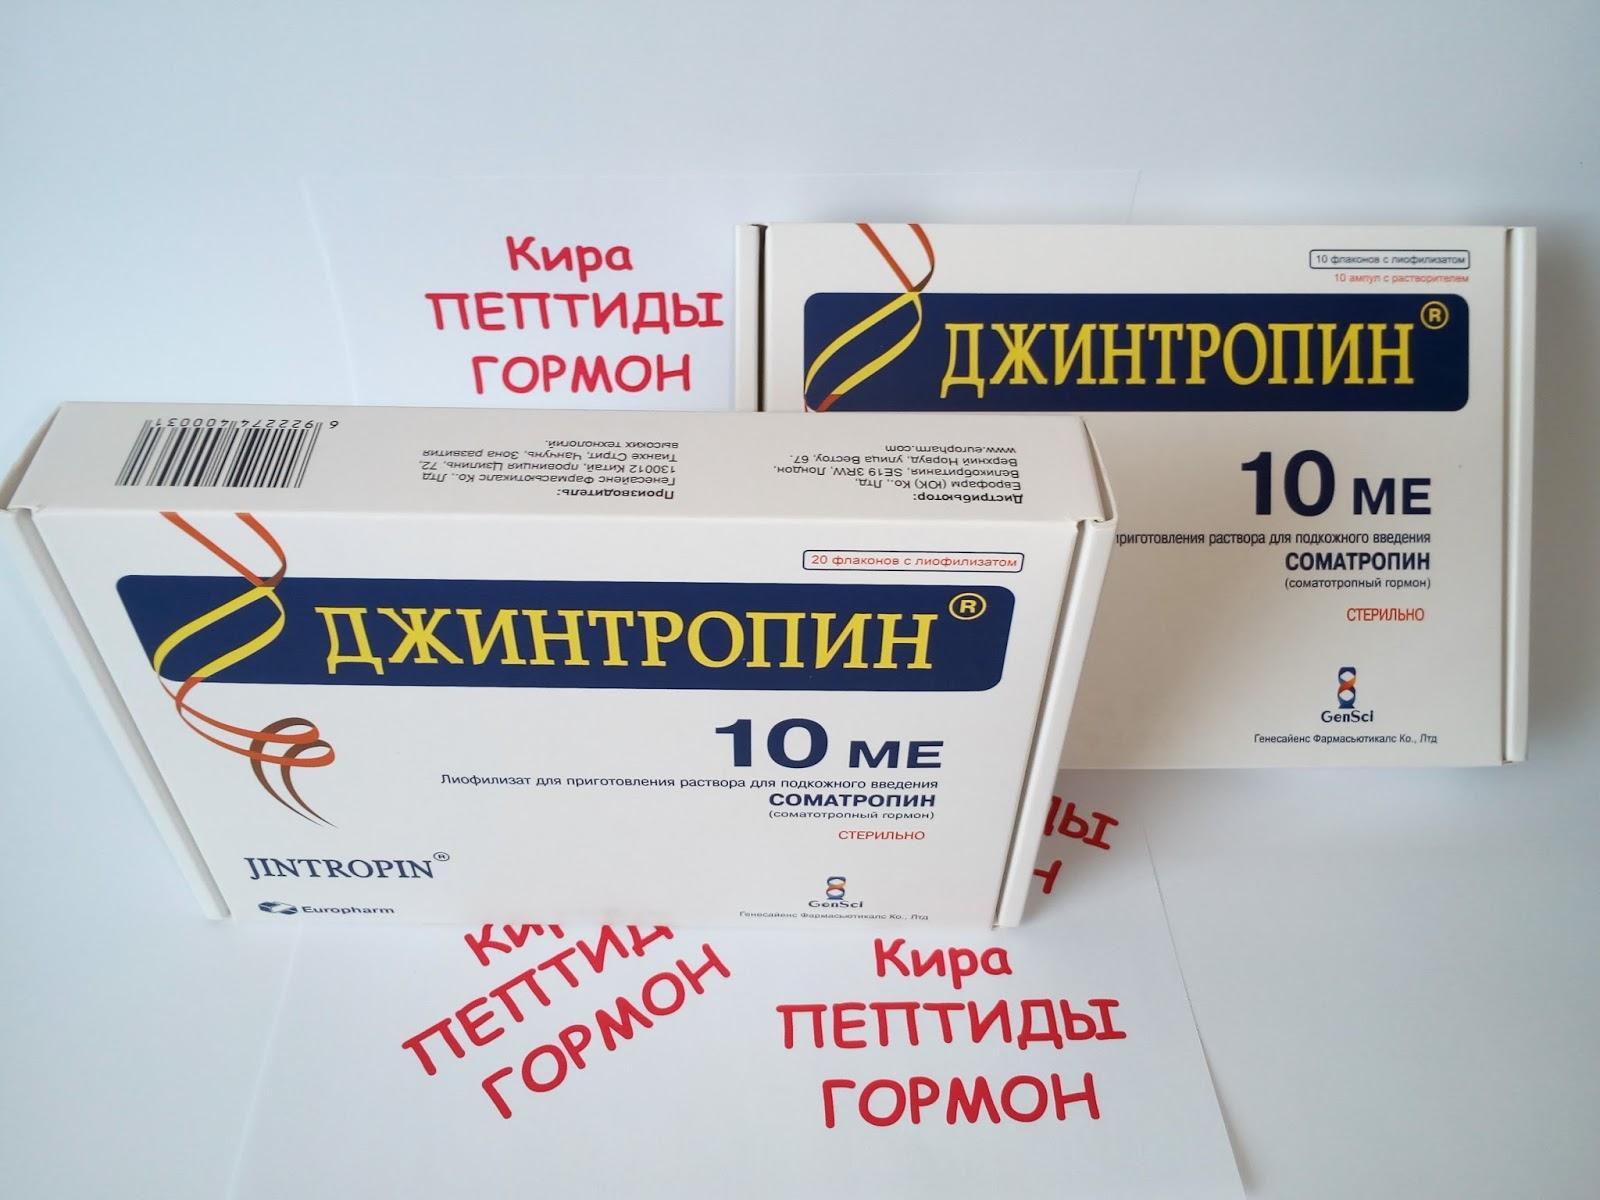 Как продать пептиды купить анаболики метан в нижнем новгороде